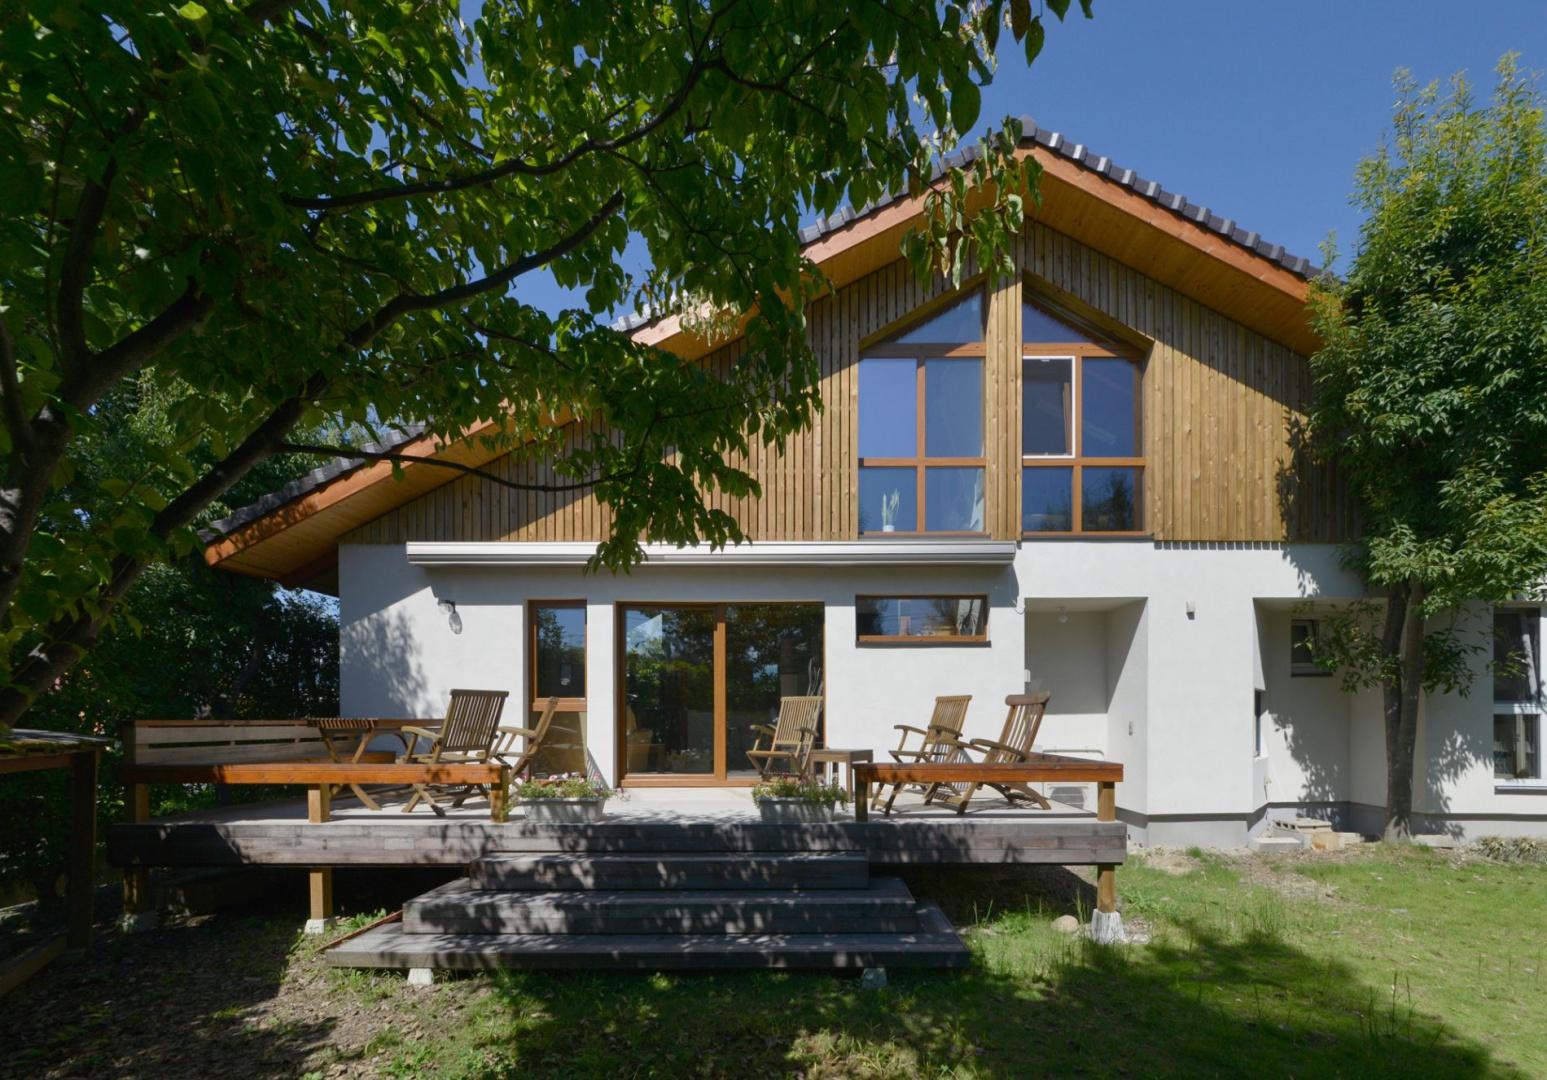 WALD – dom pokazowy DAKO zlokalizowany w Nagano w Japonii. Fot. DAKO